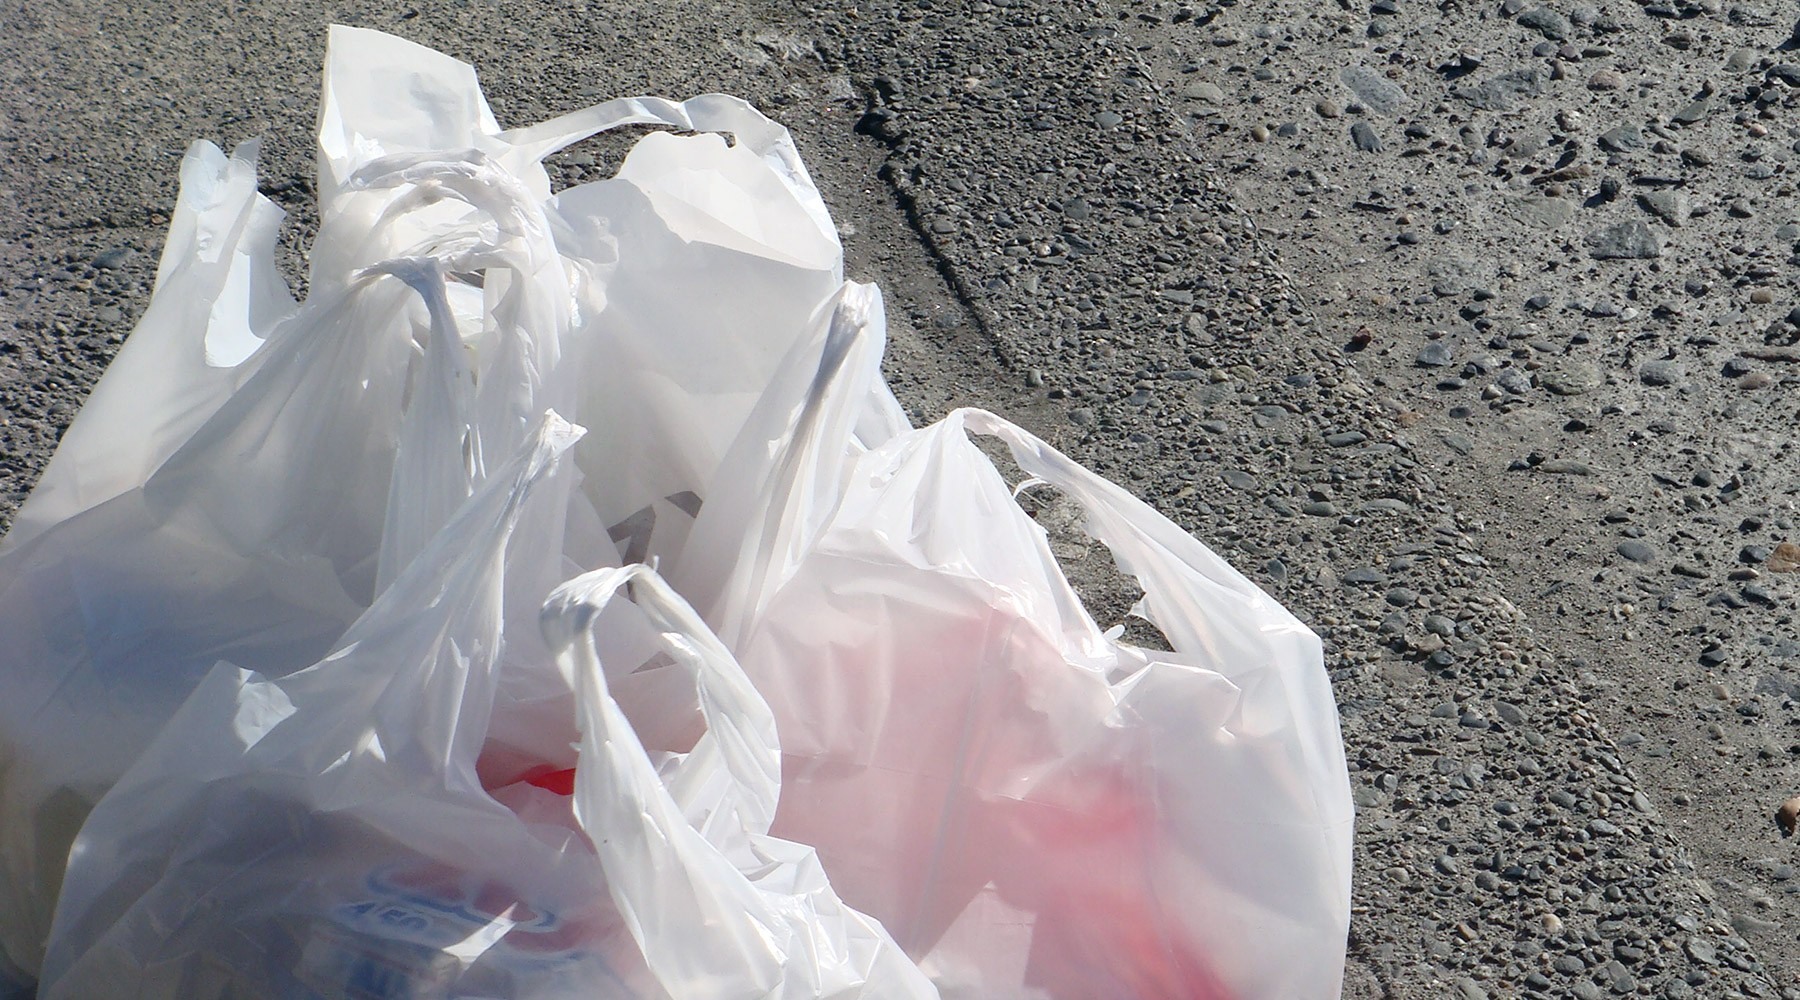 Par quoi remplacer les sacs de plastique ville en vert - Par quoi remplacer l origan ...